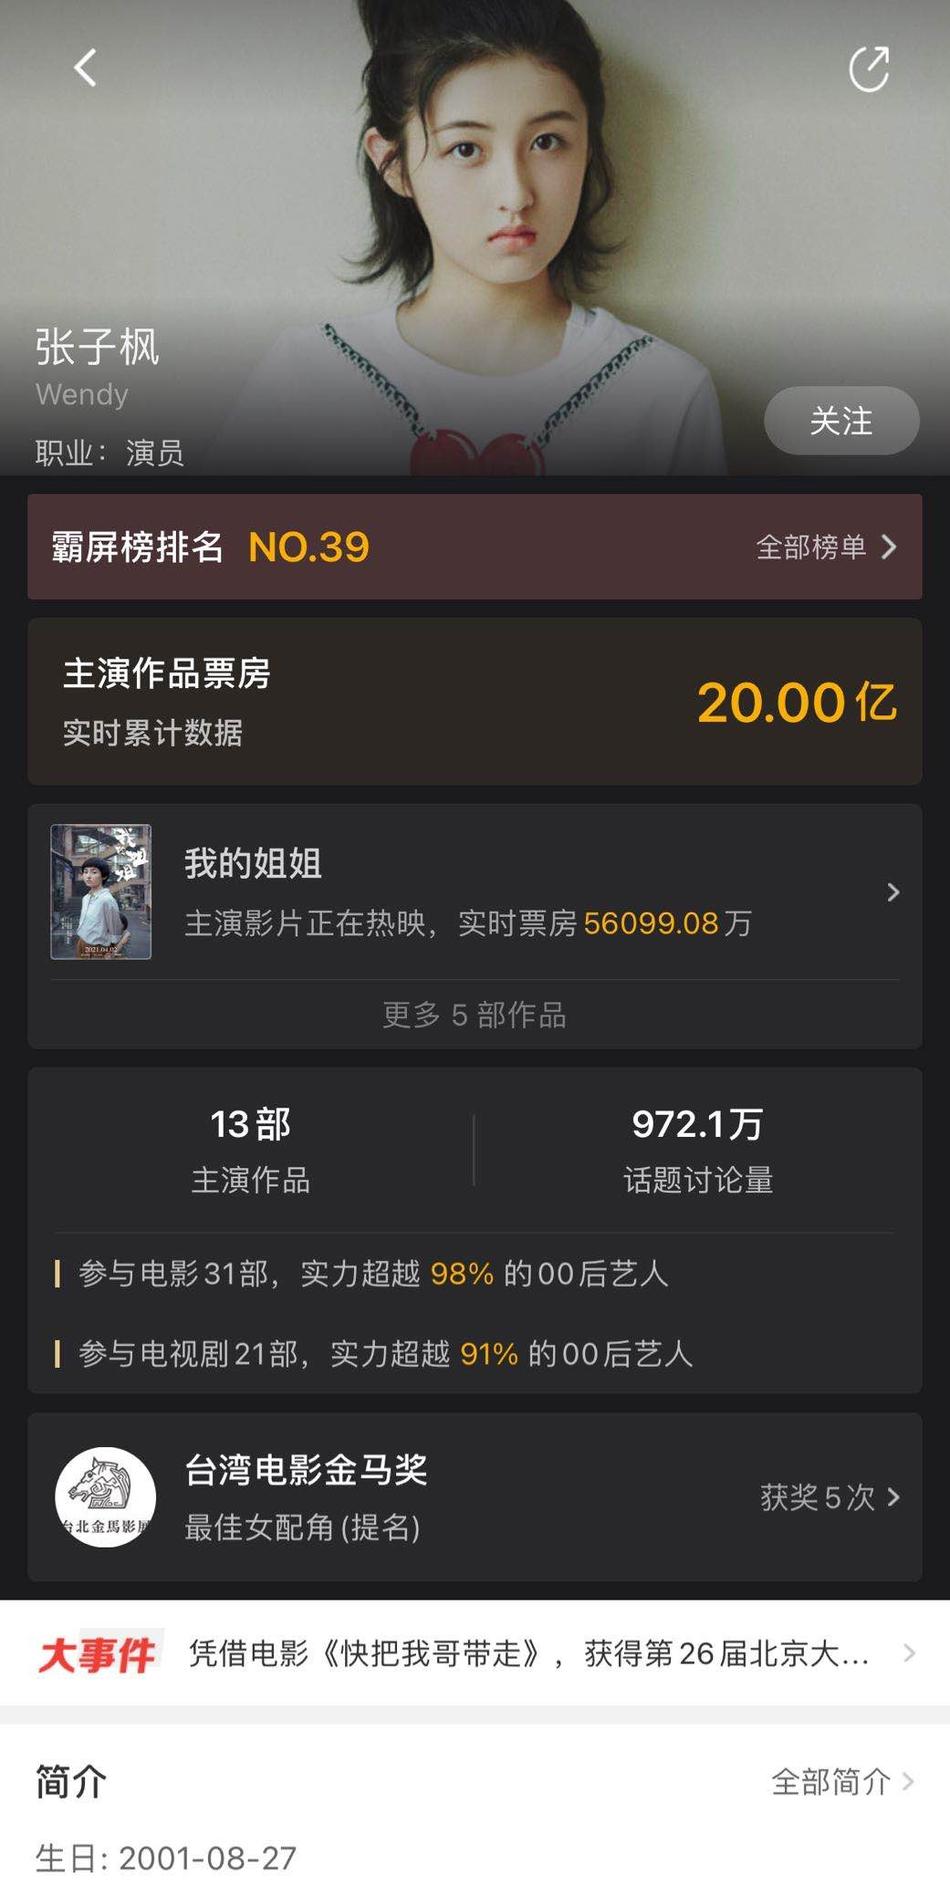 """天悦平台张子枫主演电影票房超20亿,易烊千玺""""00后第一人""""位置受到威胁"""